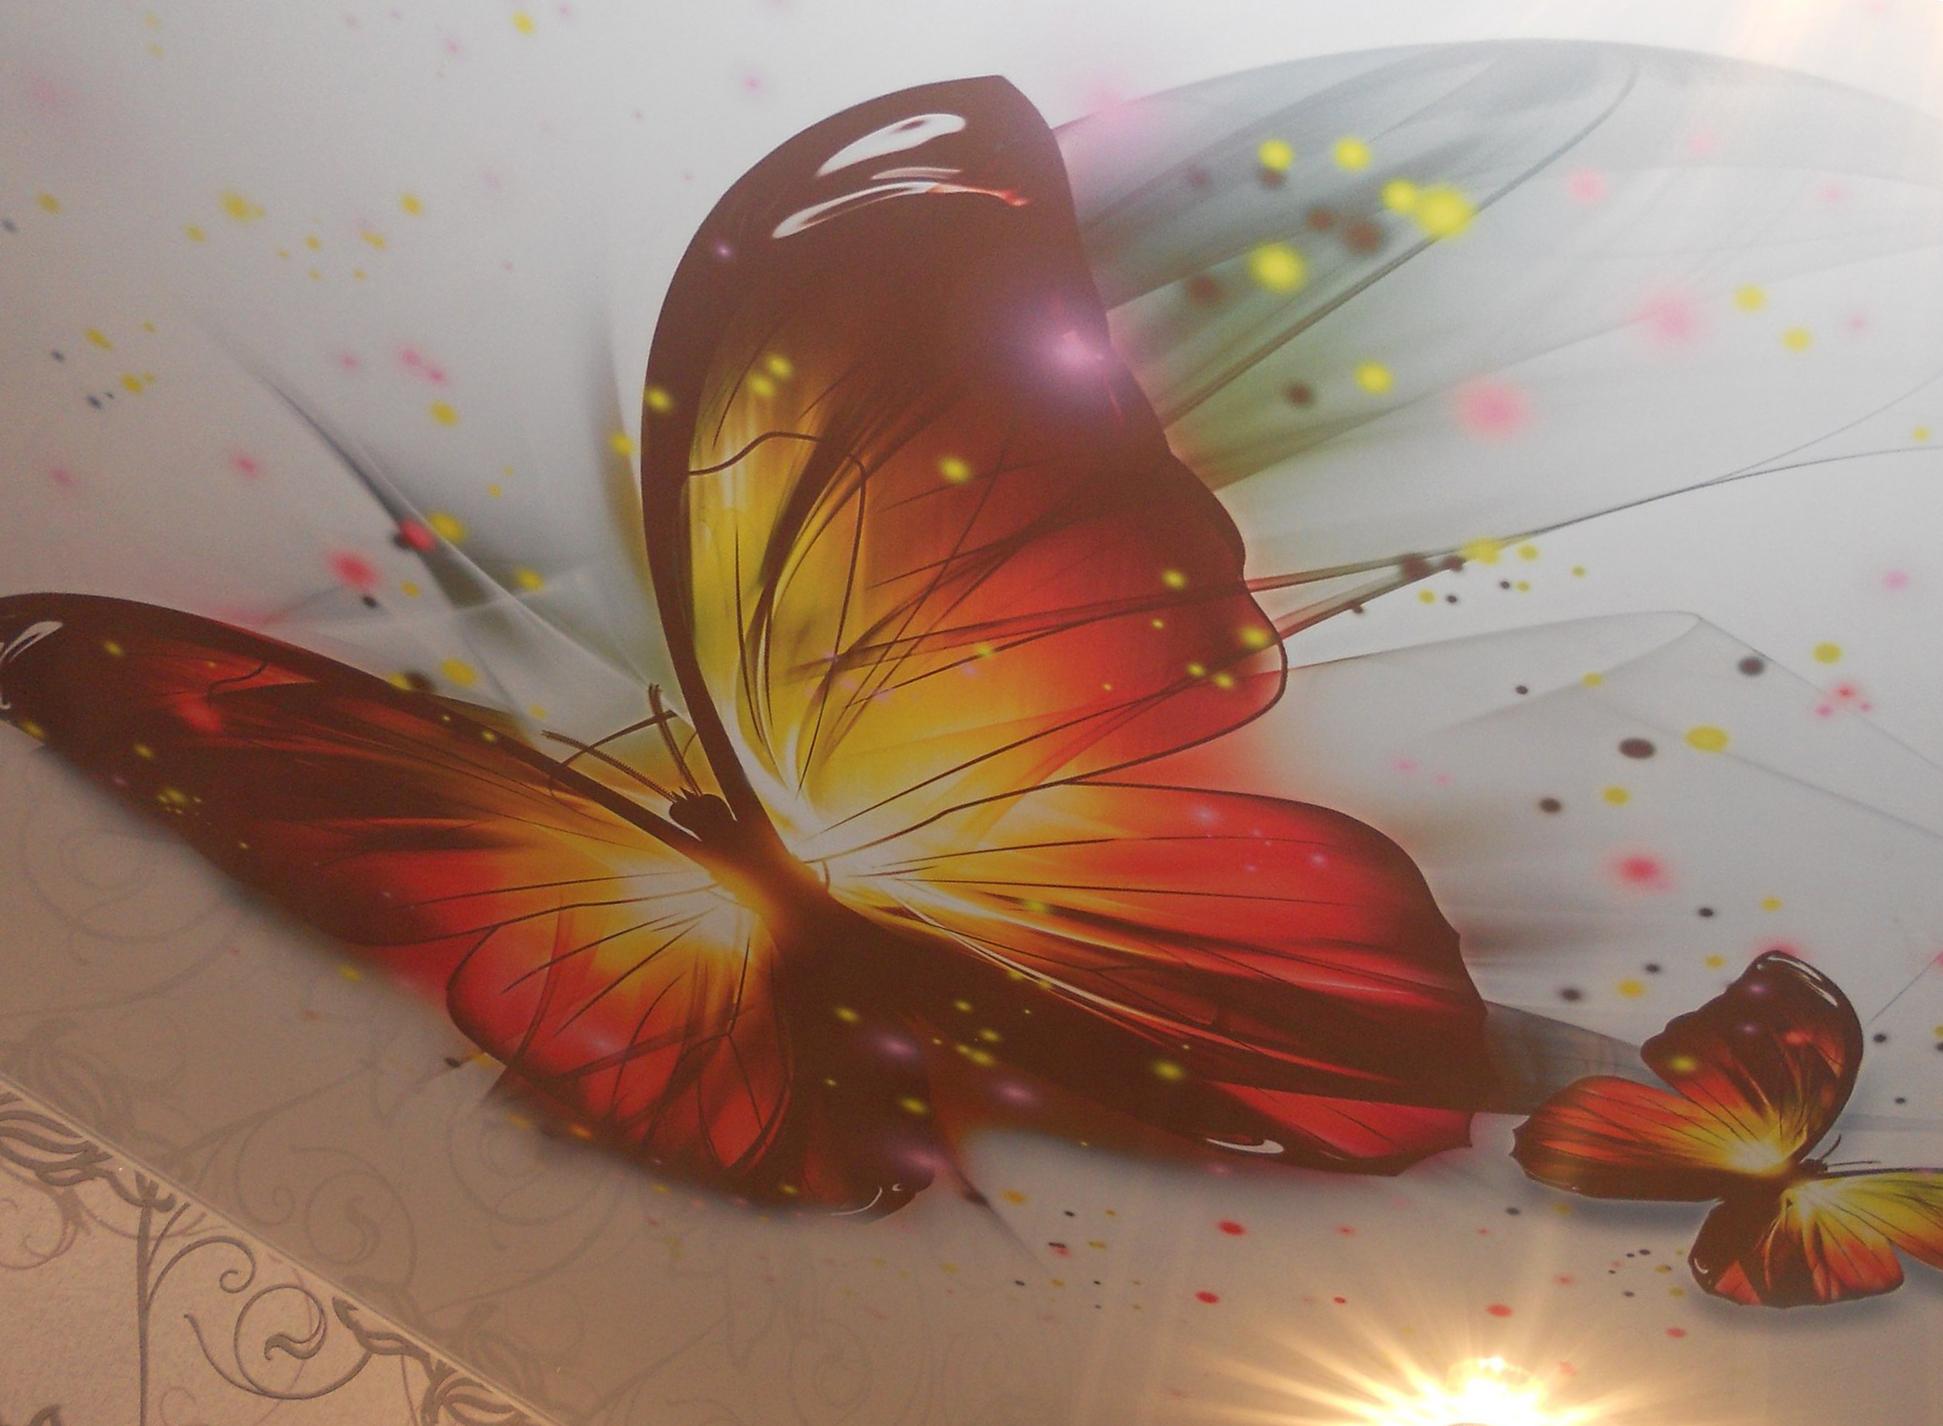 Натяжной потолок. Бабочка в детской комнате.